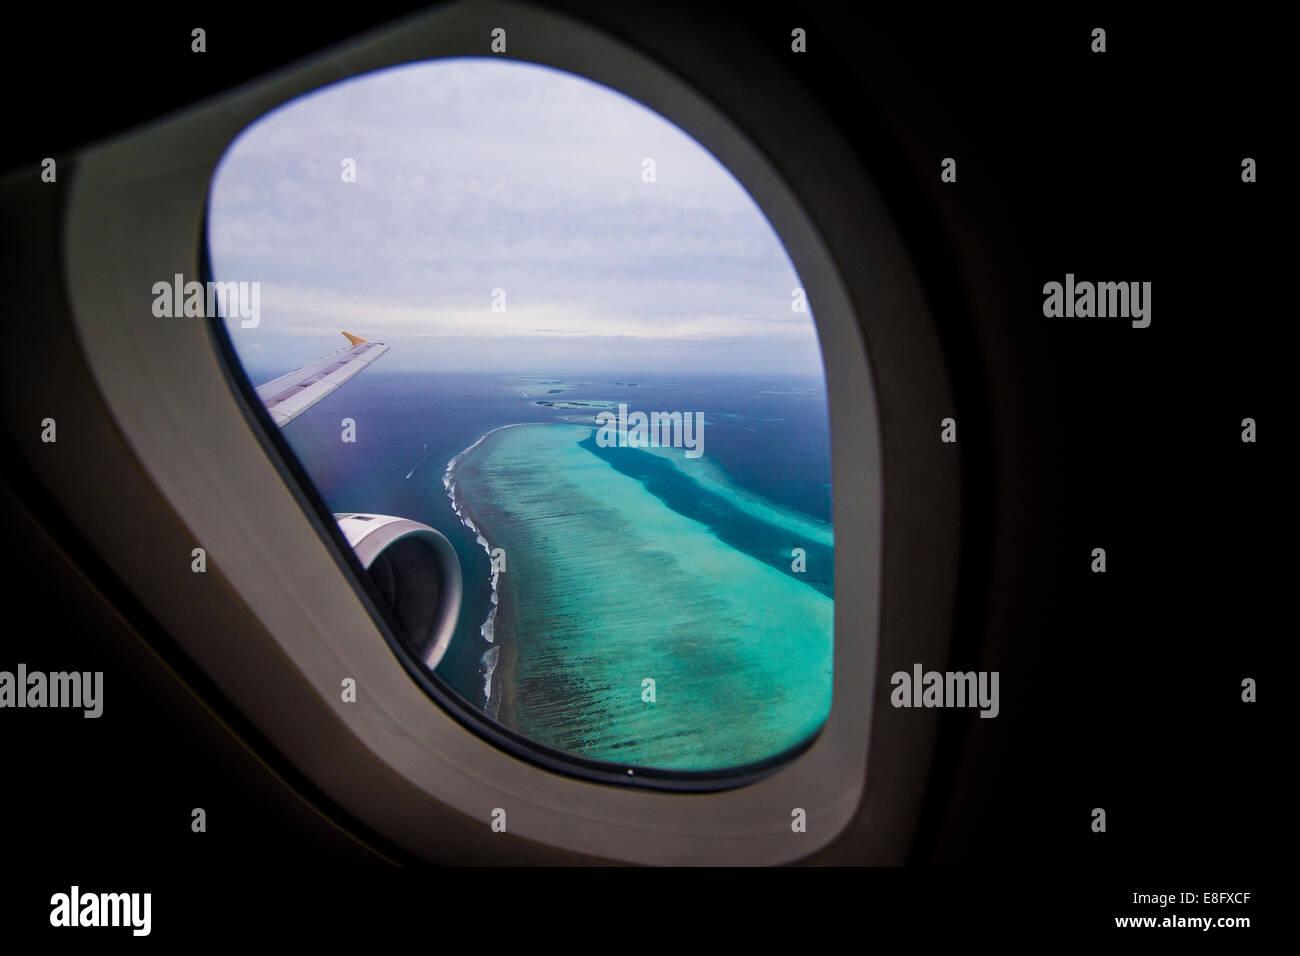 Maldivas, islas tropicales, visto desde la ventana de avión Imagen De Stock